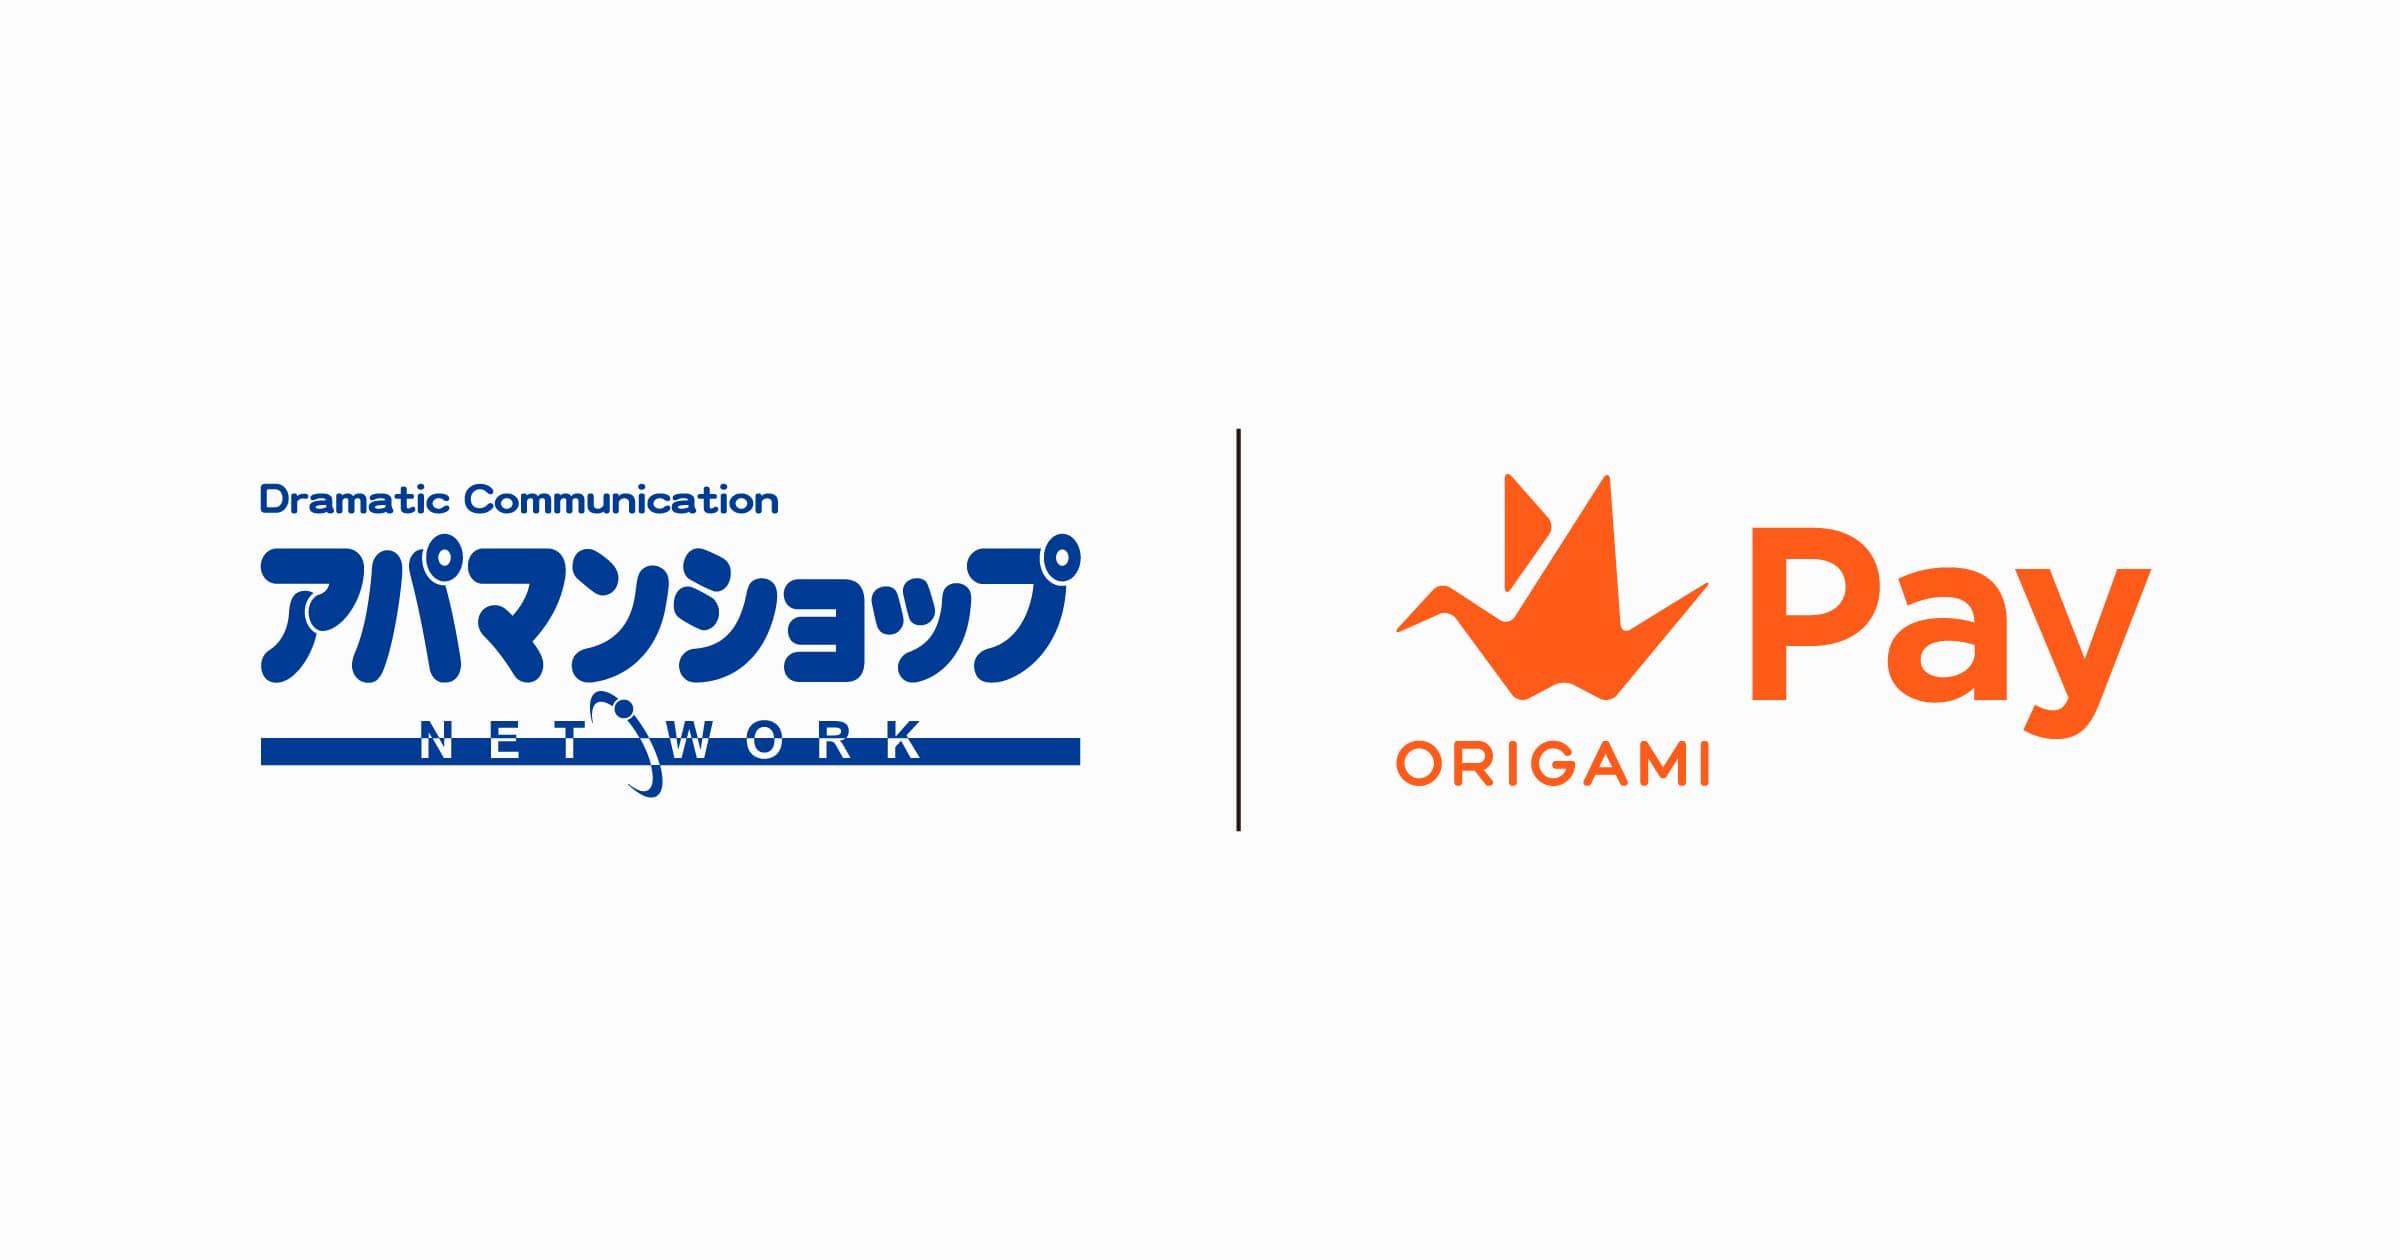 アパマンショップで家を探すとOrigamiPayの500円OFFクーポンがもれなく貰える。ローソンなどで使用可能。6/1~8/31。